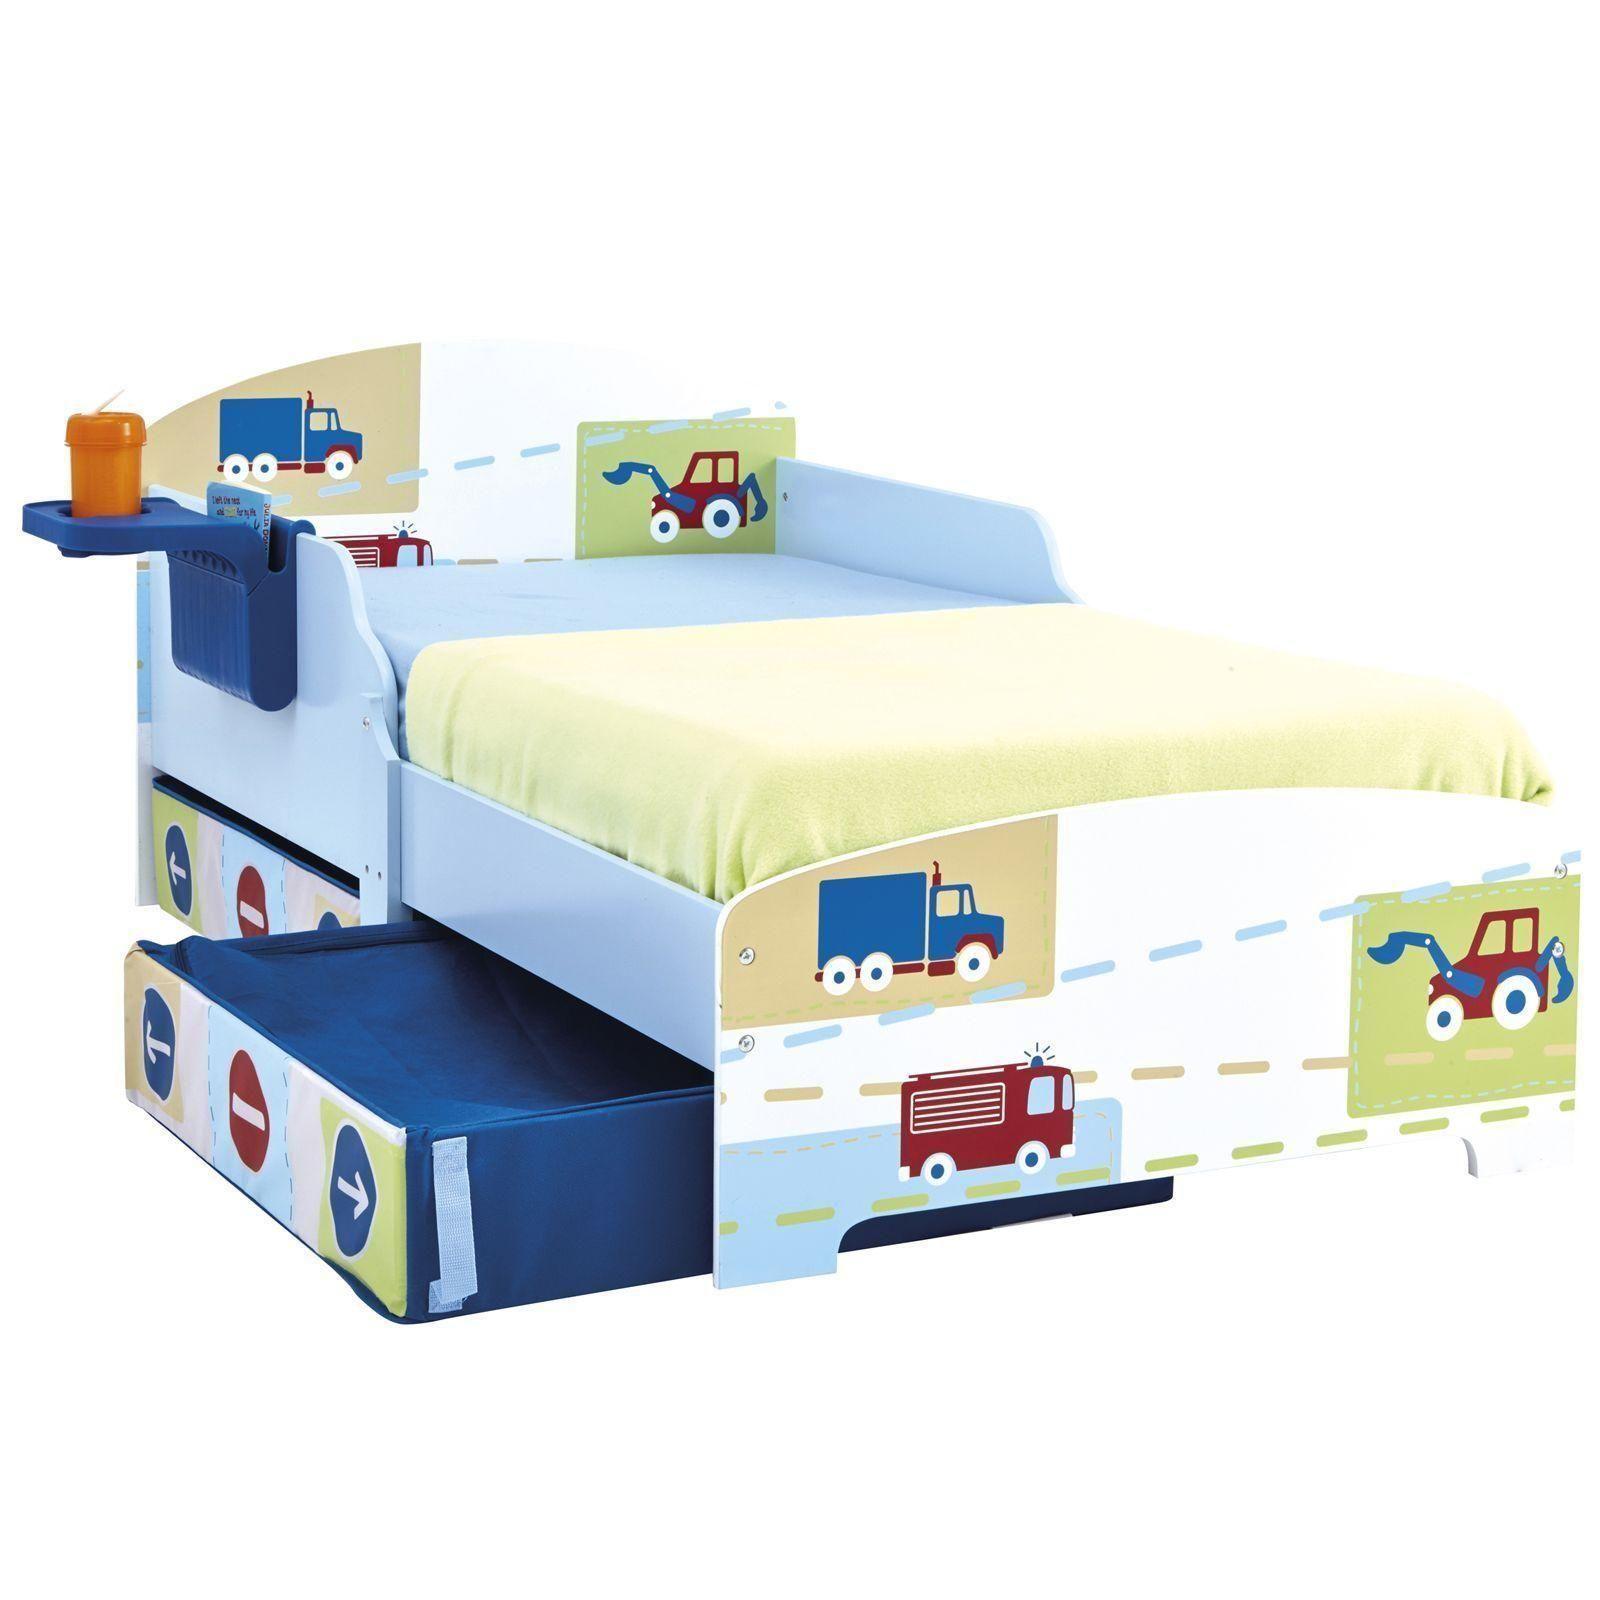 kinderbett jungen trucks traktoren mit bettkasten stauraum federmatratze ebay. Black Bedroom Furniture Sets. Home Design Ideas